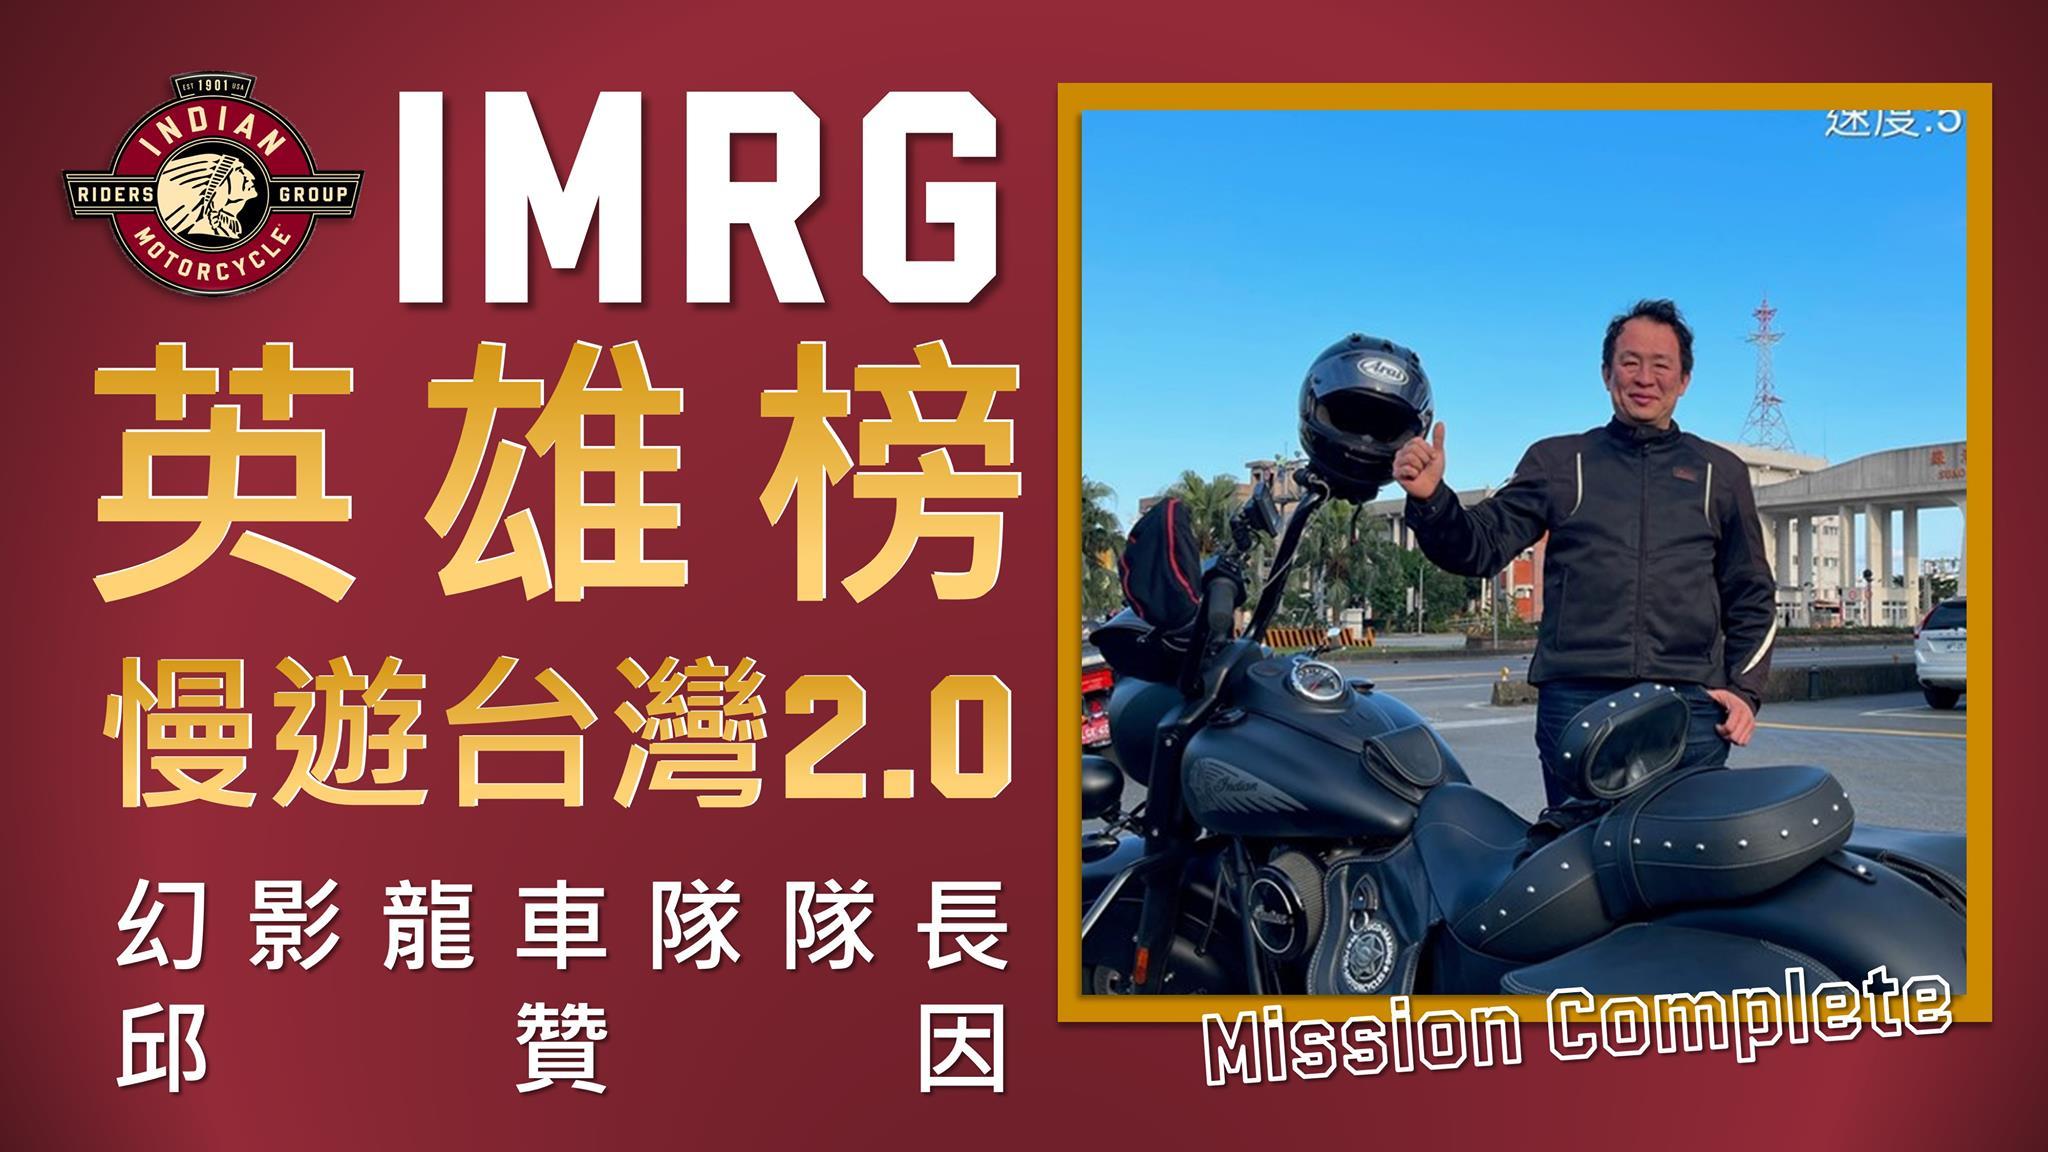 [ 英雄榜 ] 2021年09月12日 - 幻影龍車隊 - 邱贊因 - 慢遊台灣2.0